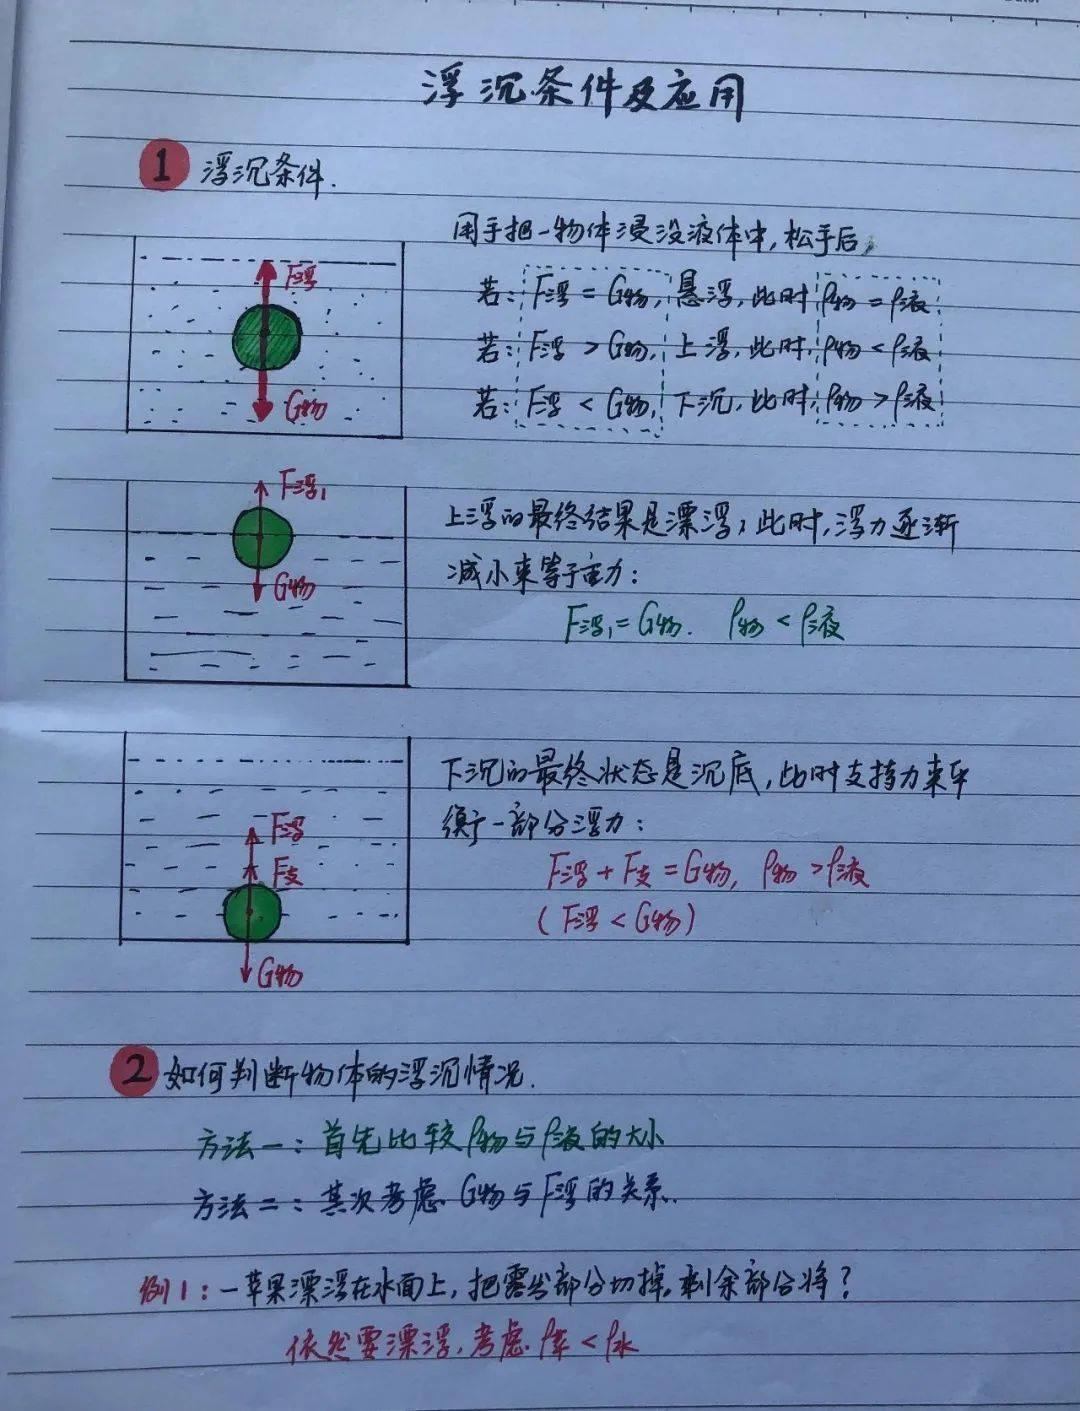 【物理笔记】学霸手写笔记!分享给大家!